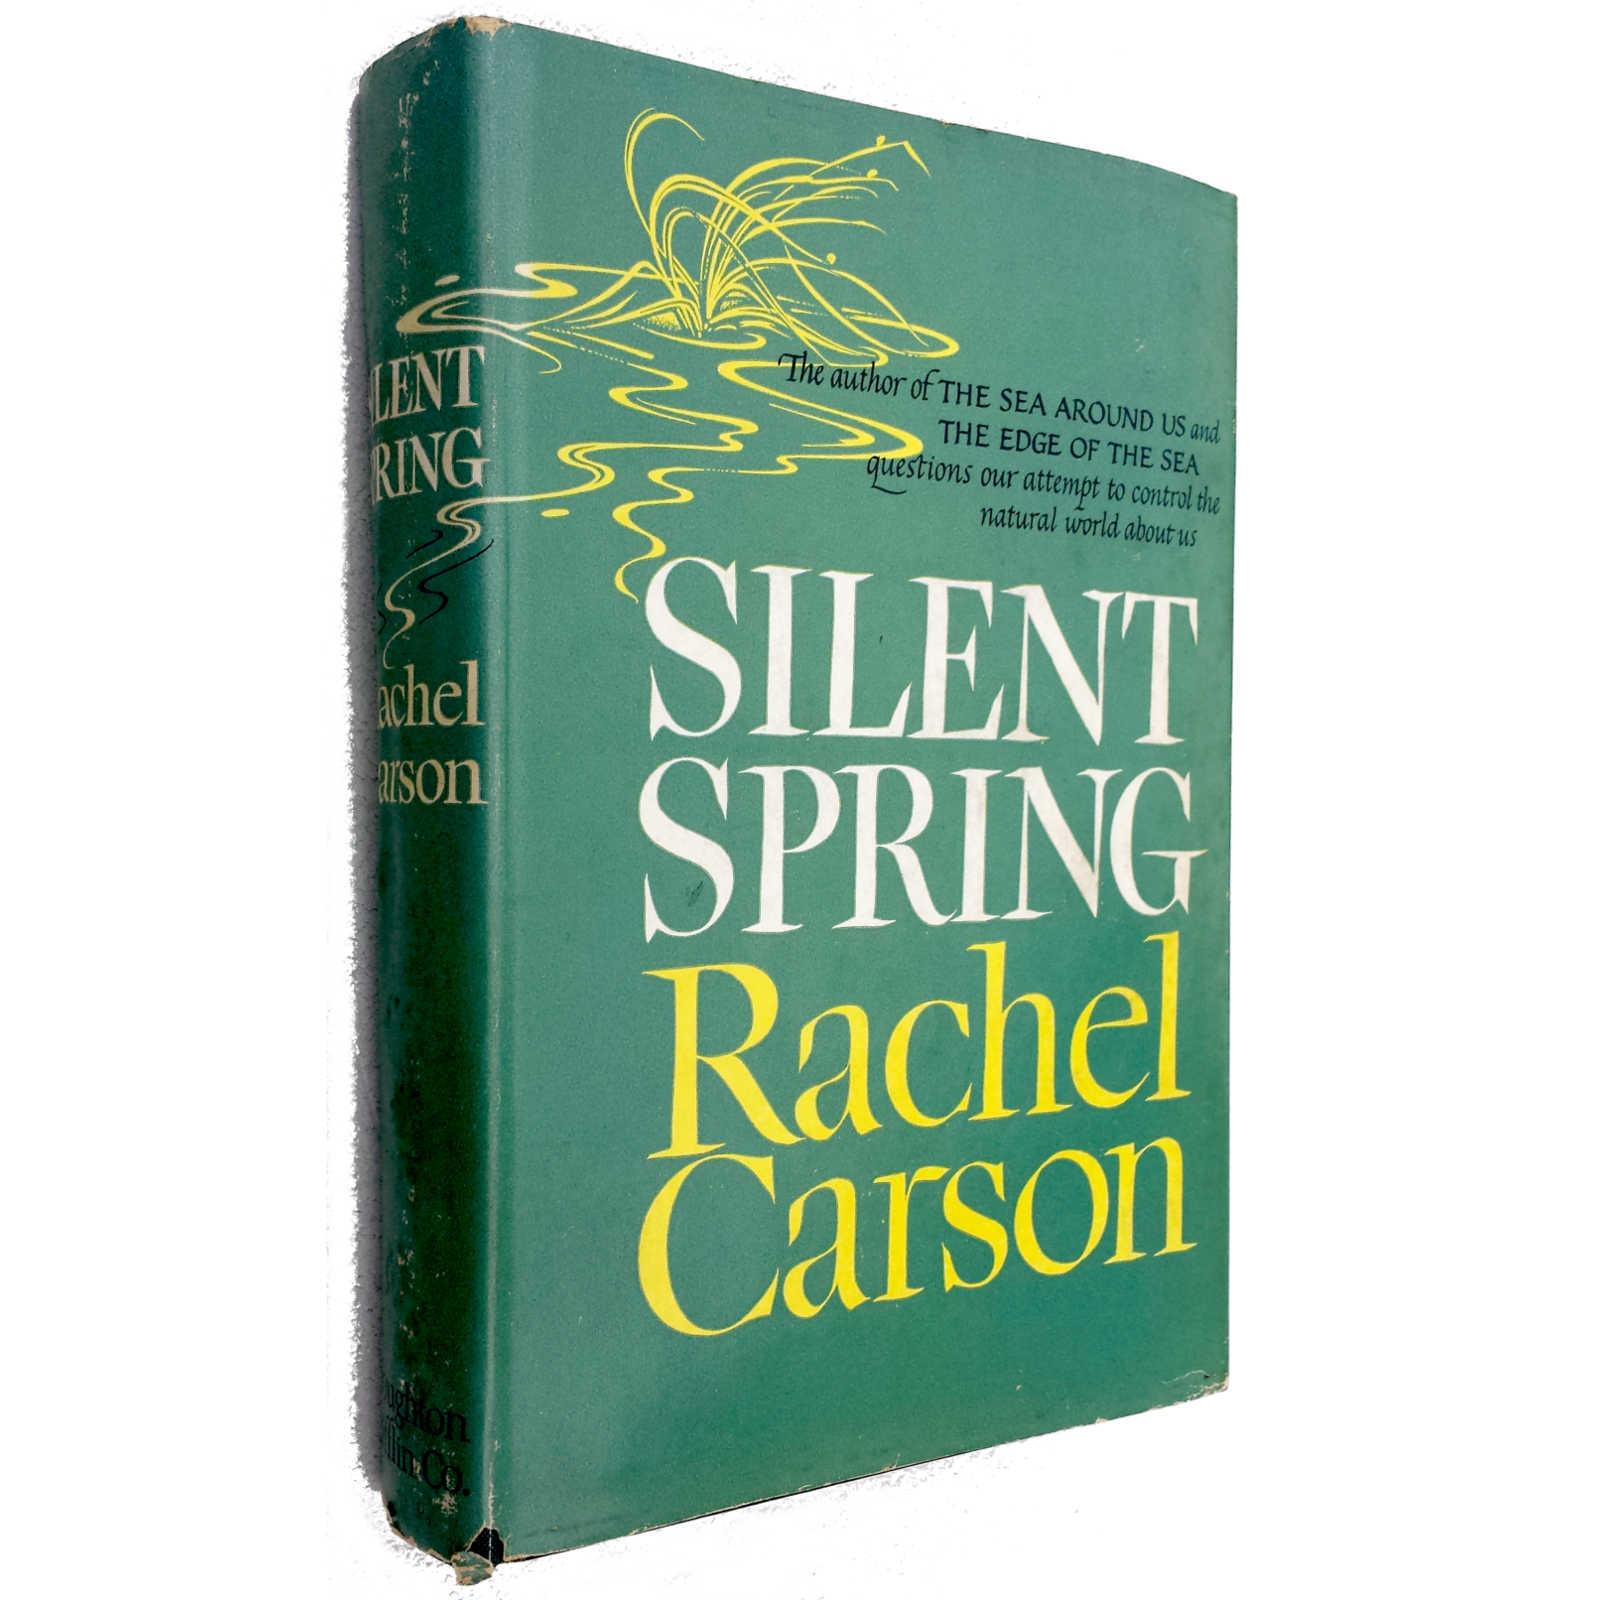 silentspring_rachelcarson